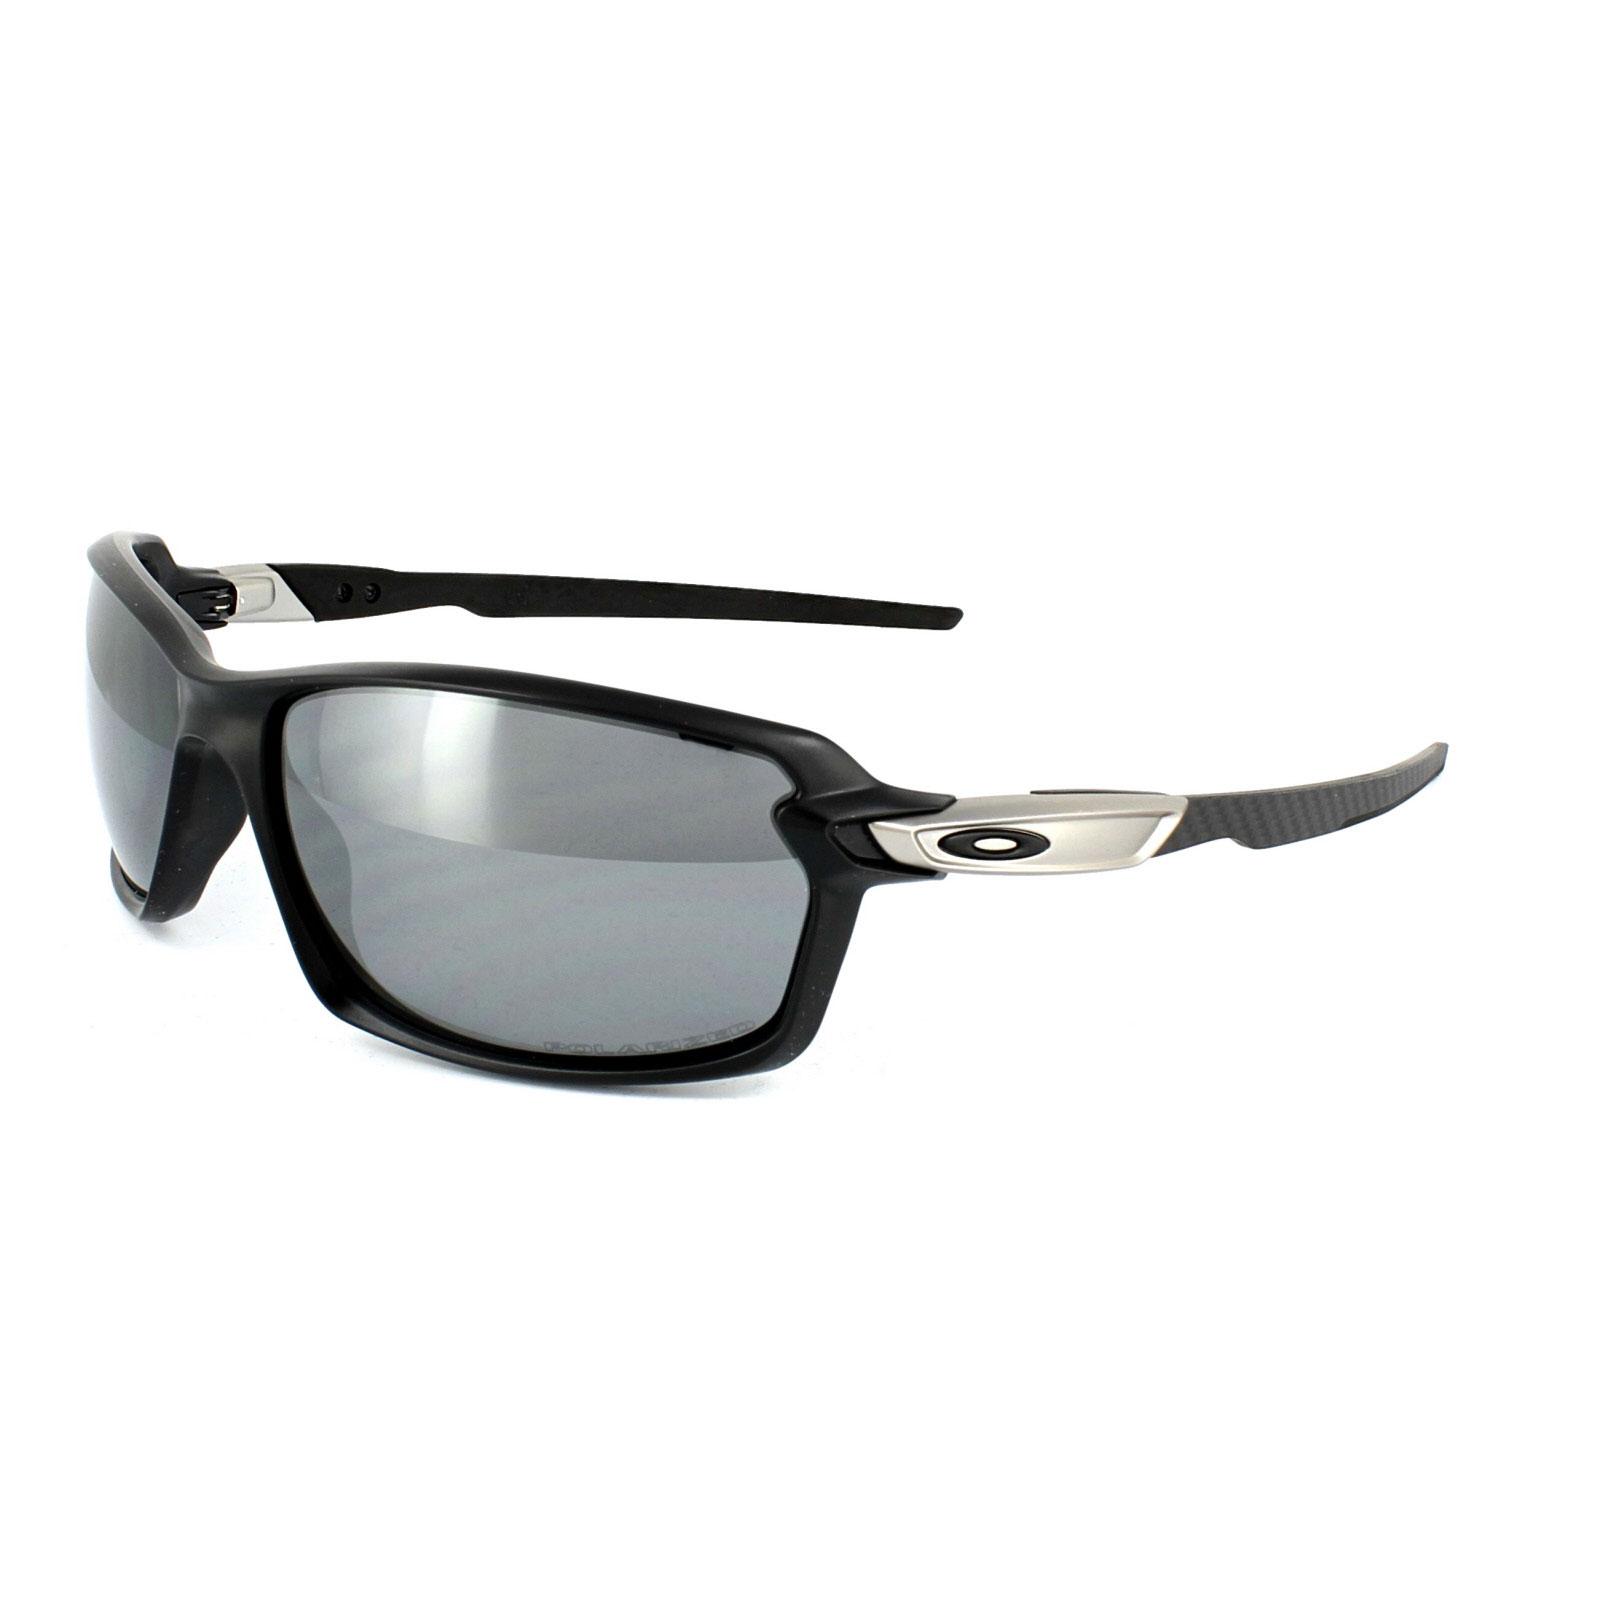 Oakley Sunglasses Carbon Shift OO9302-03 Matt Black Black ...